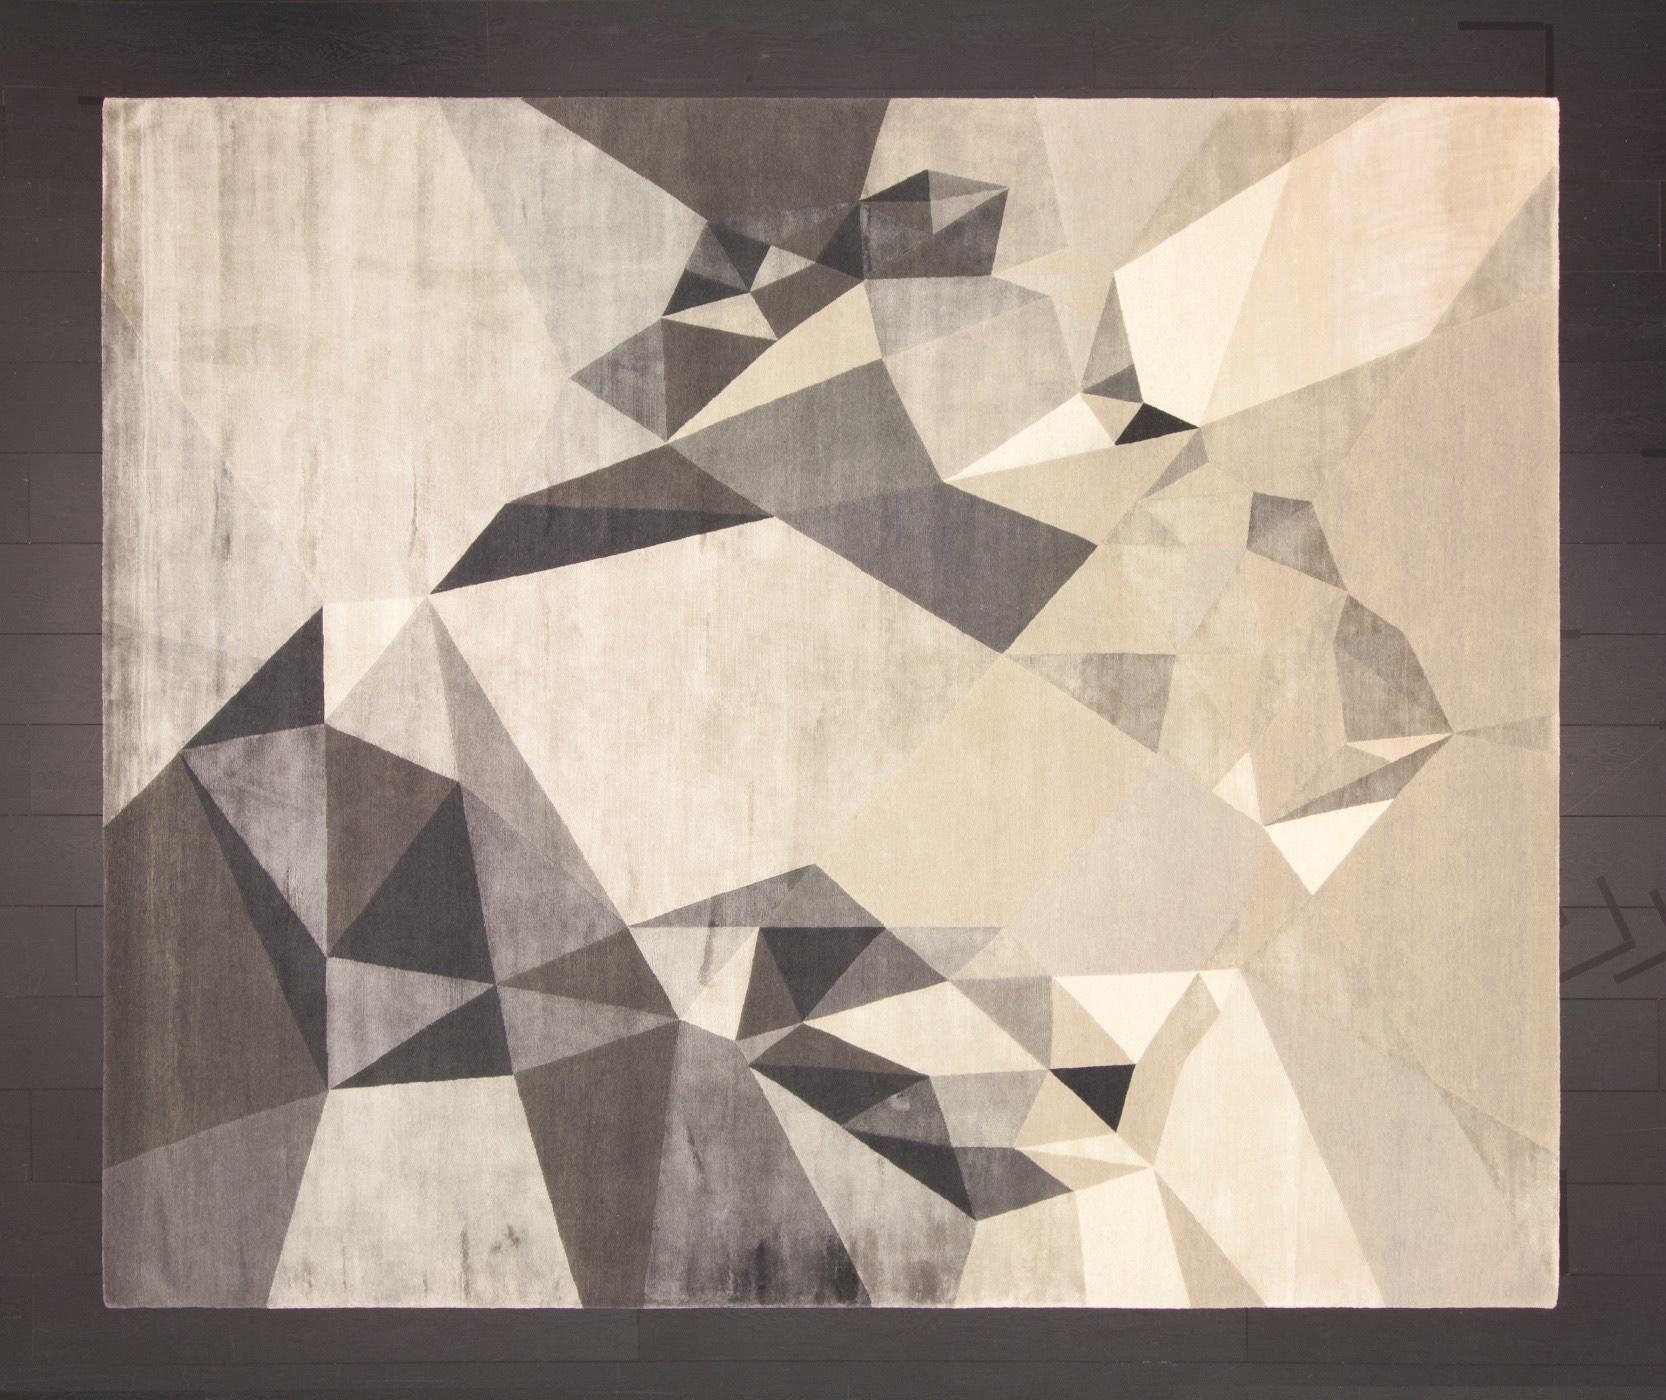 Heart No.1 rug by Jurgen Dahlmanns